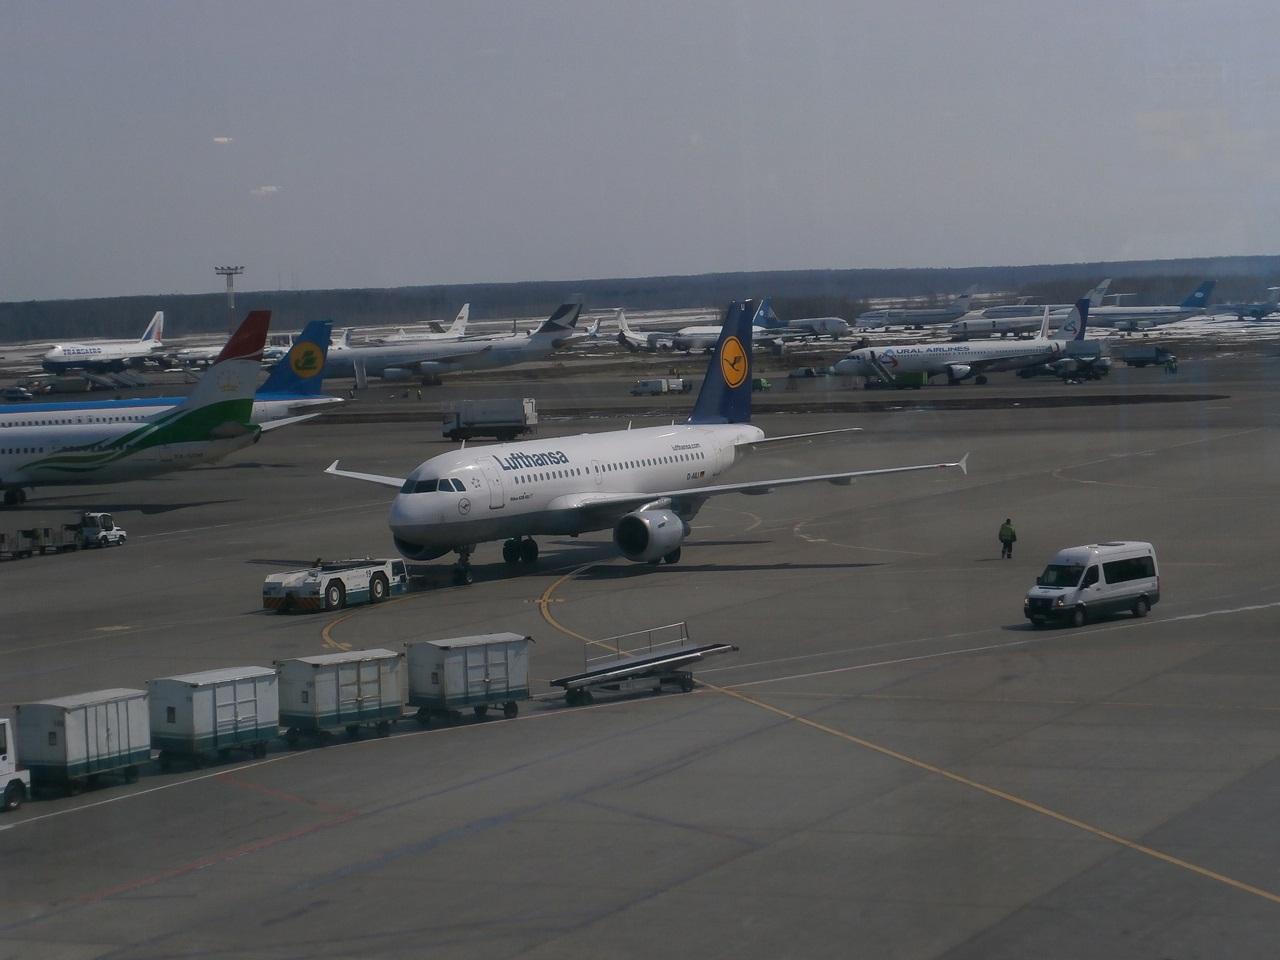 наш самолет подвозят к гейту